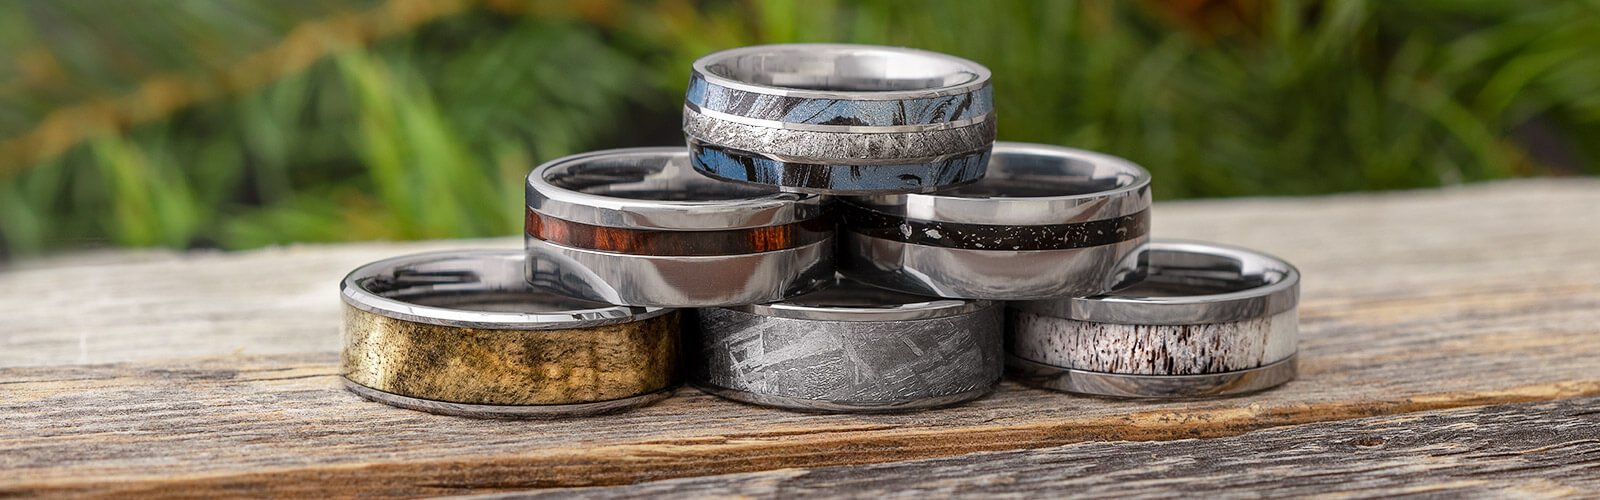 O elemento tungstênio, ocorrência, joias e reciclagem